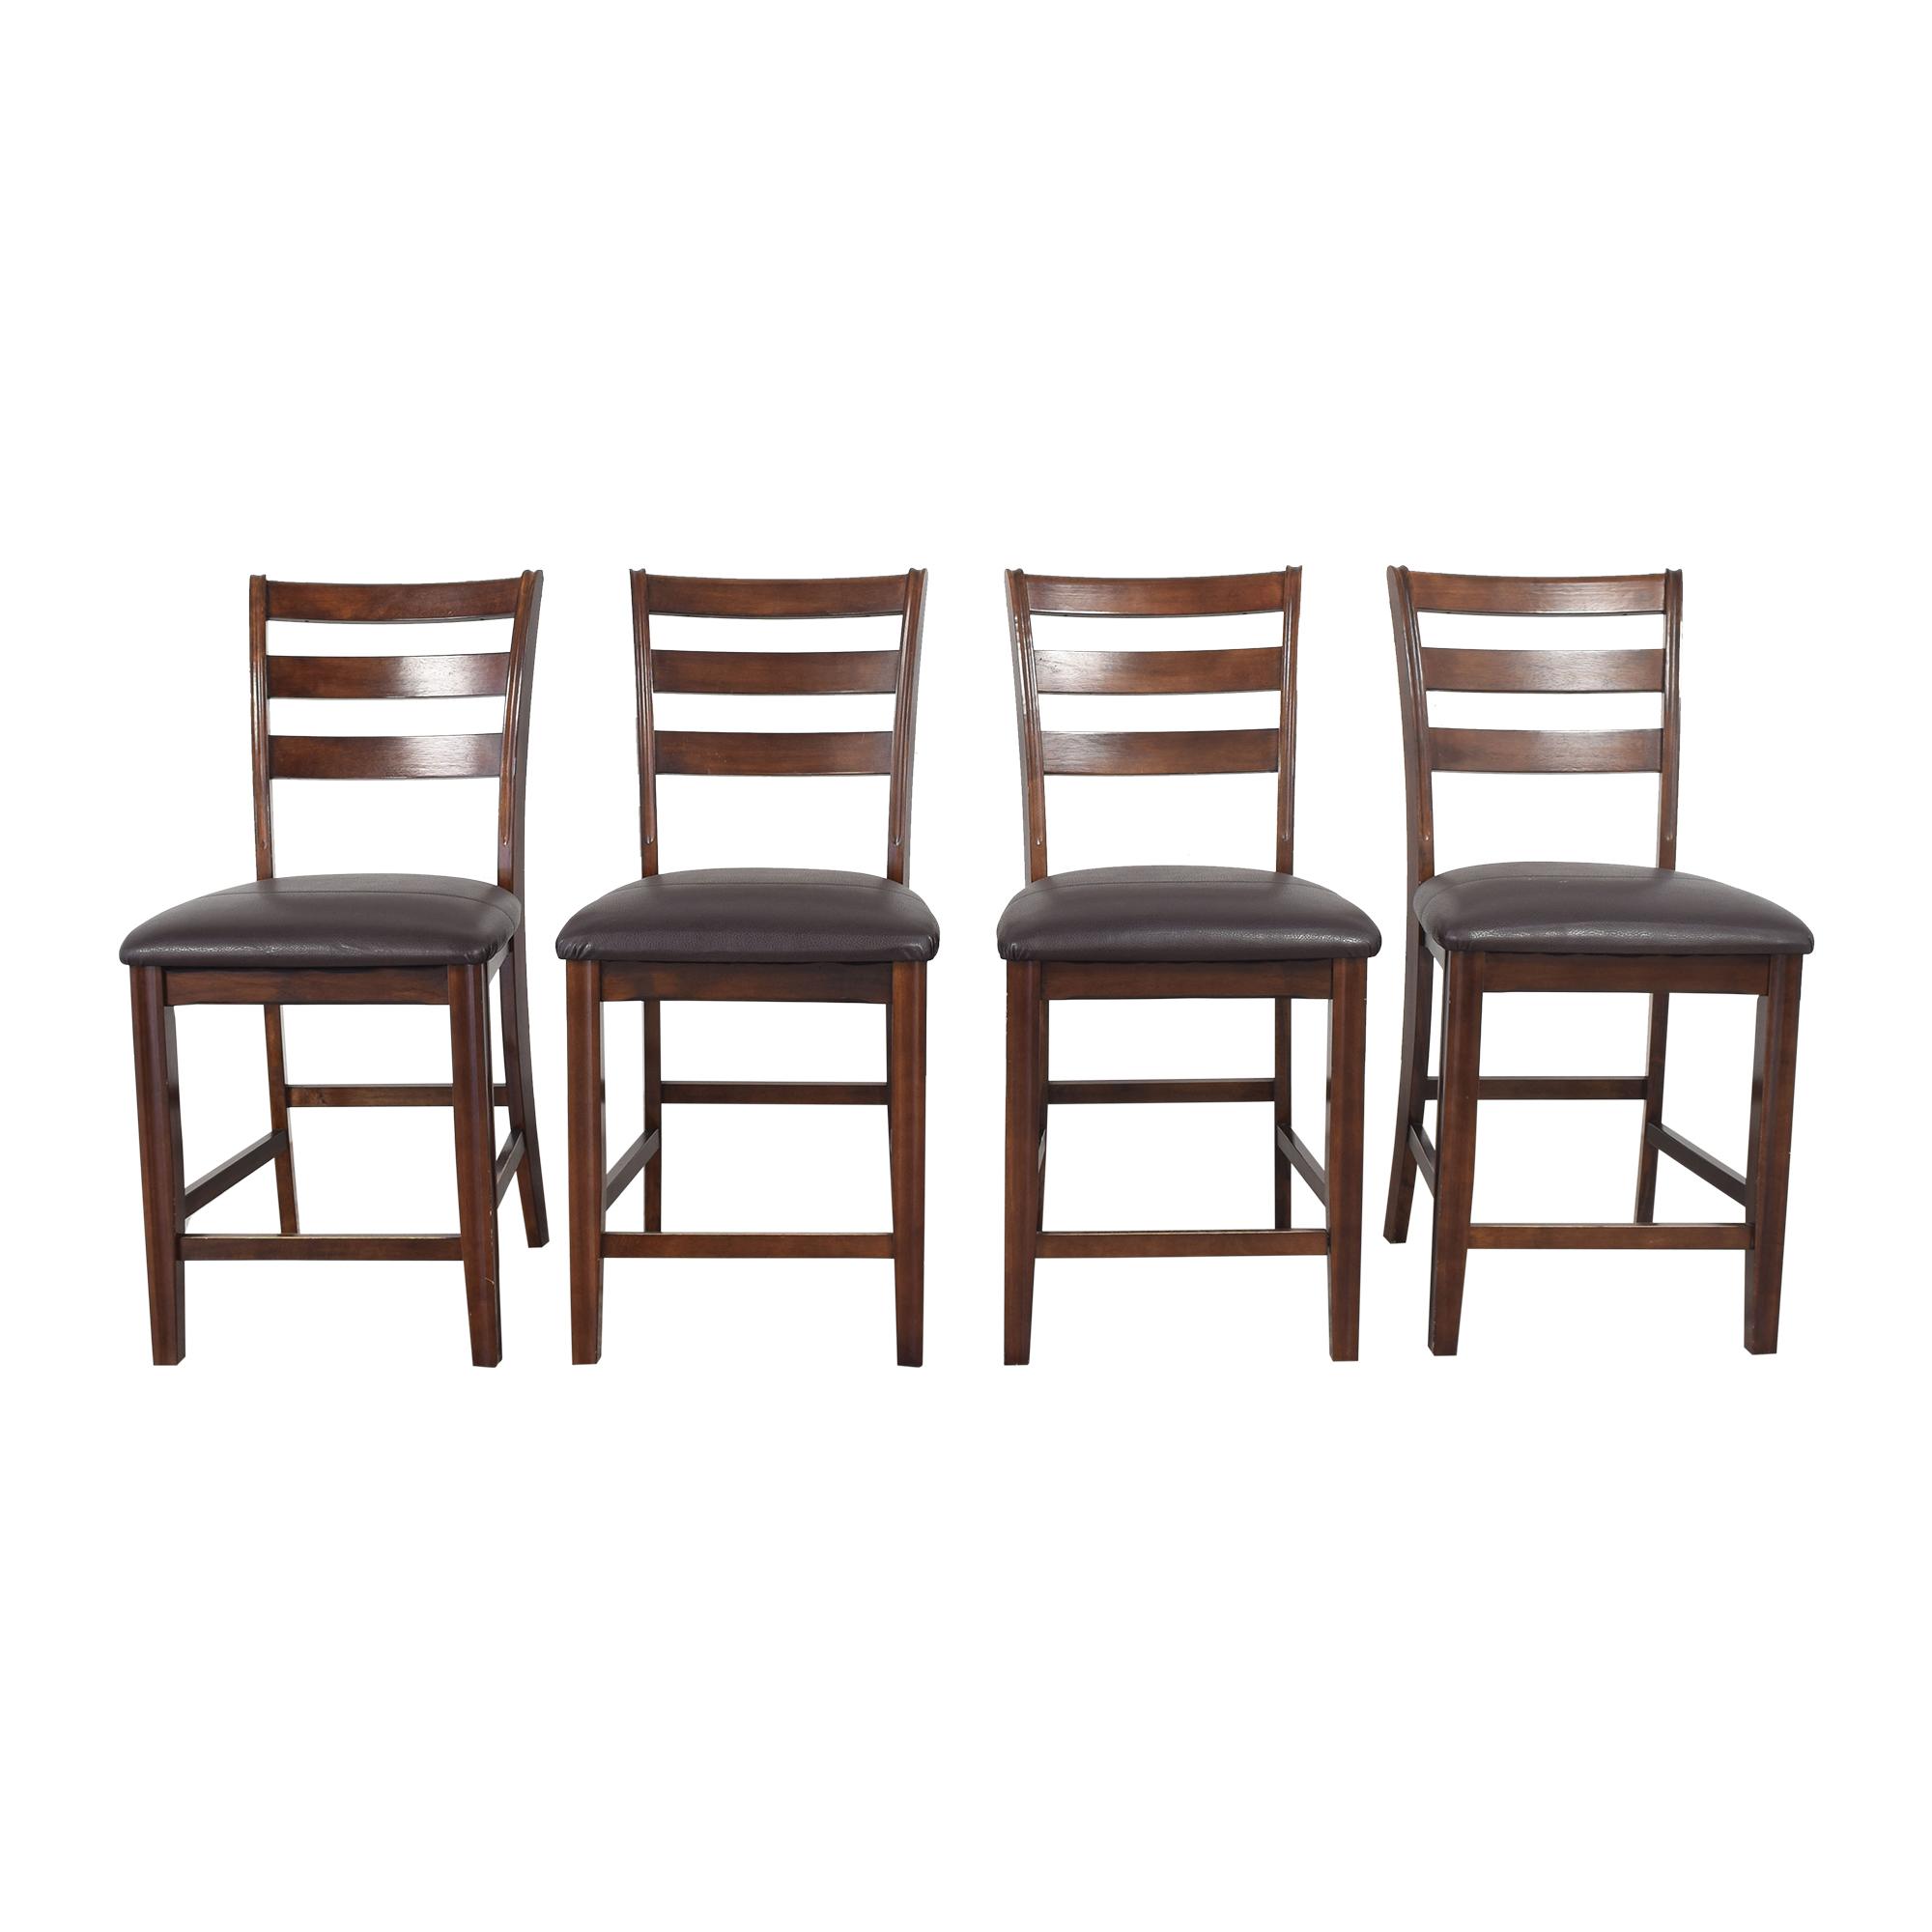 Green River Furniture Green River Furniture Ladderback Stools on sale